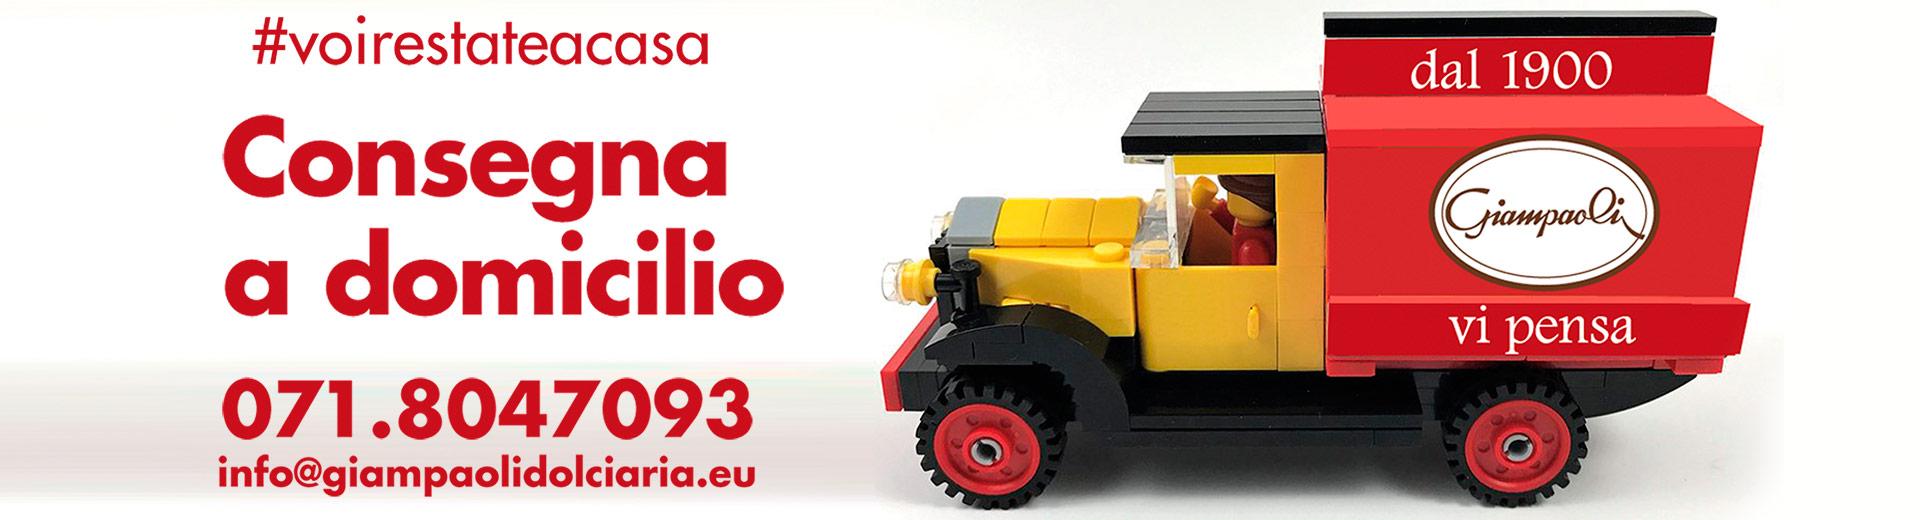 giampaoli_consegna_domicilio_slide_sito